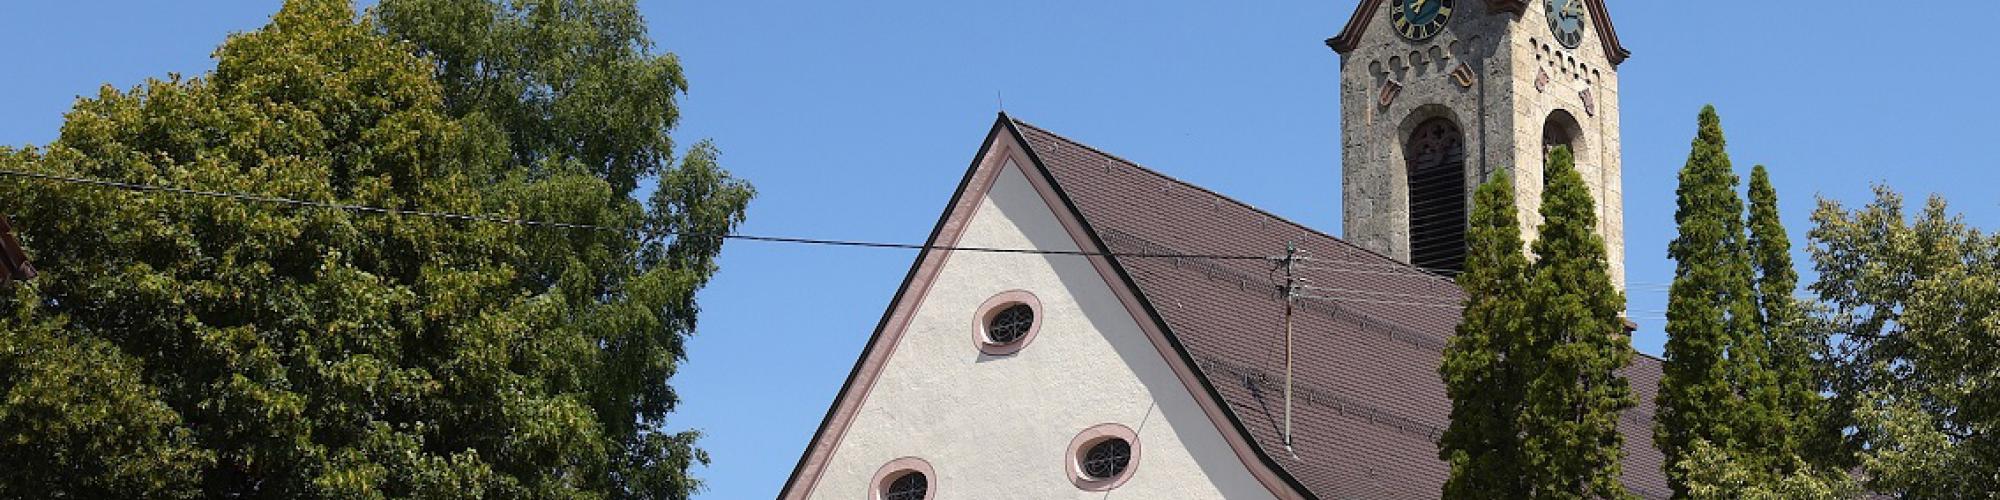 Katholische Gesamtkirchengemeinde Tuttlingen Verwaltungszentrum